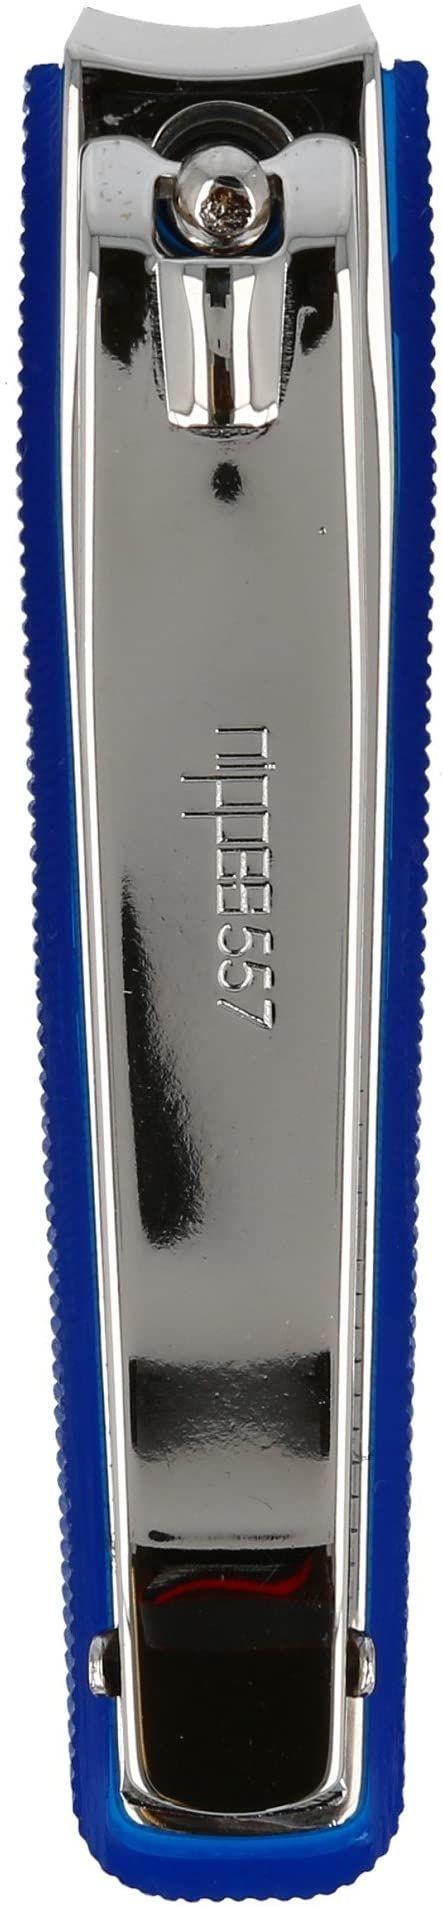 nippes Solingen, Obcinacz do paznokci stóp z pojemnikiem na paznokcie 8 cm, niebieski, 1 sztuka